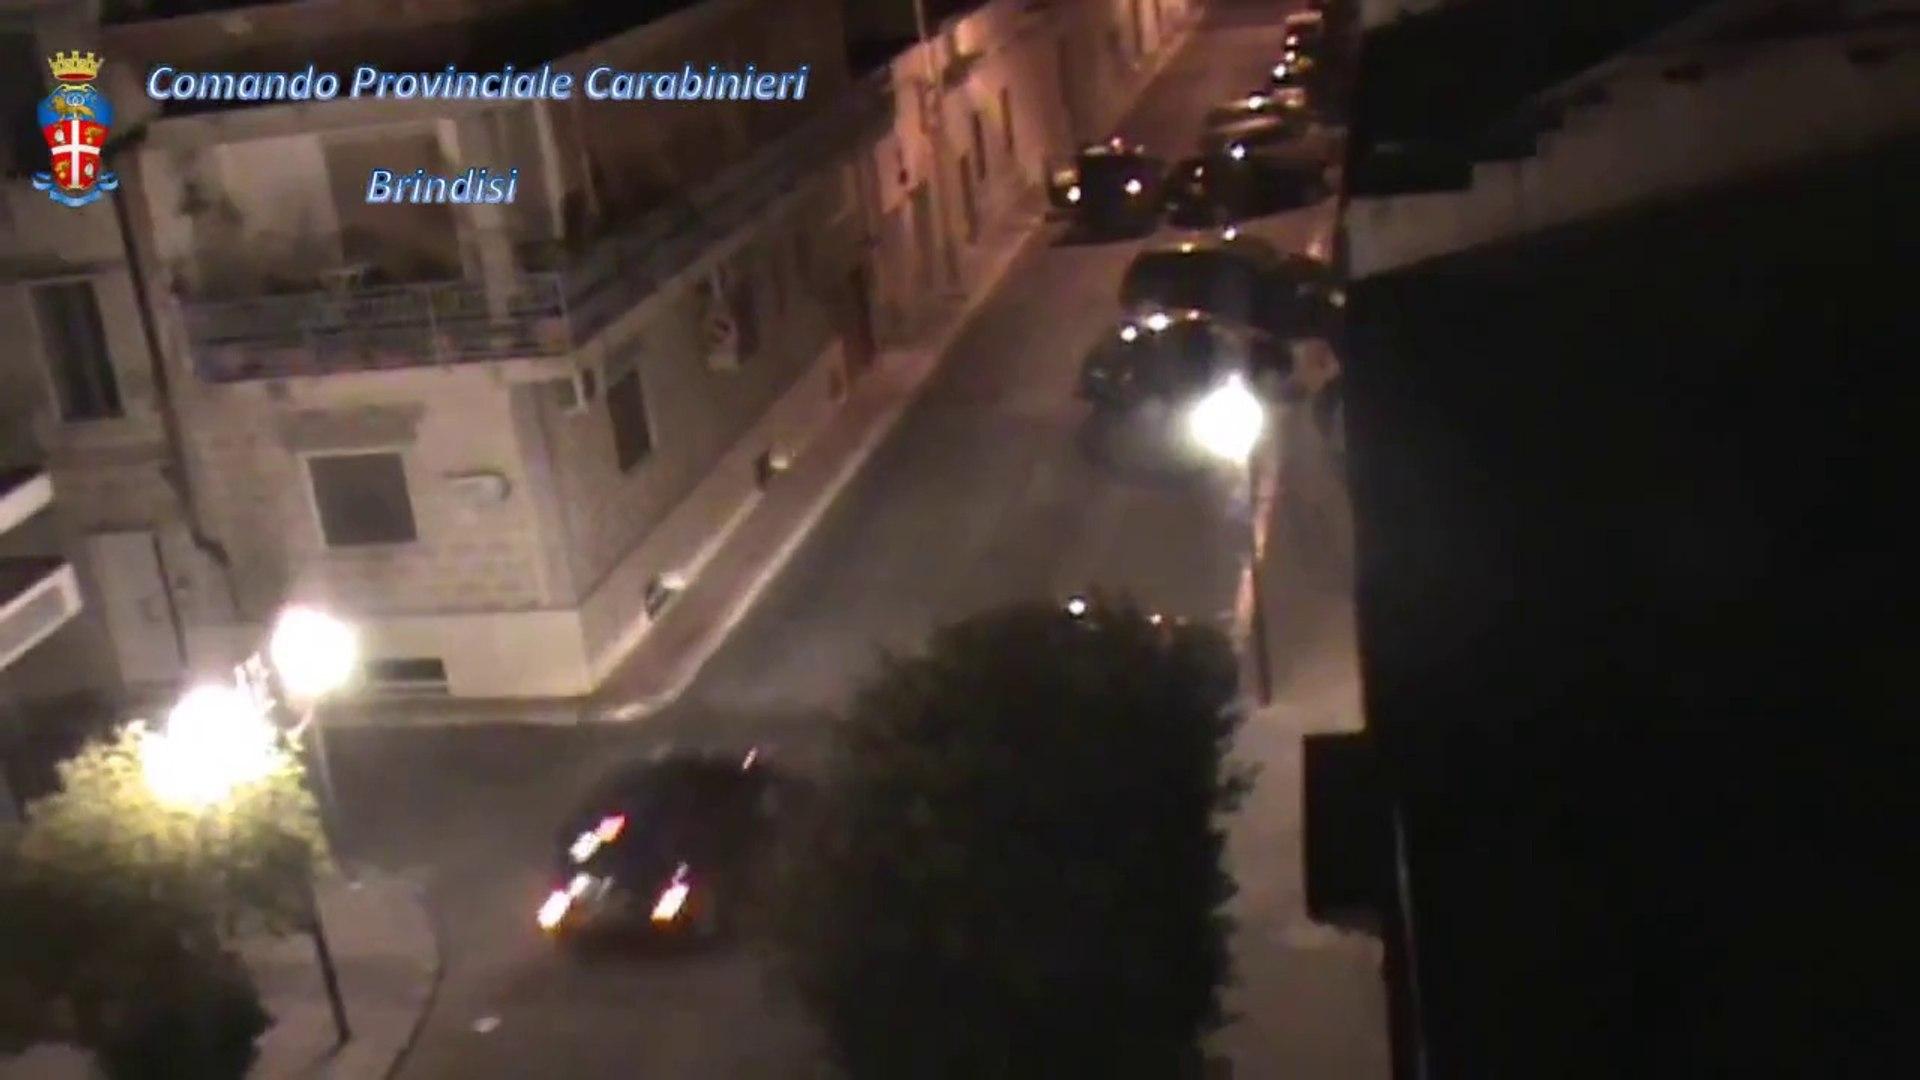 Brindisi - La cattura della banda dei bancomat ripresa da una videocamera (11.12.13)